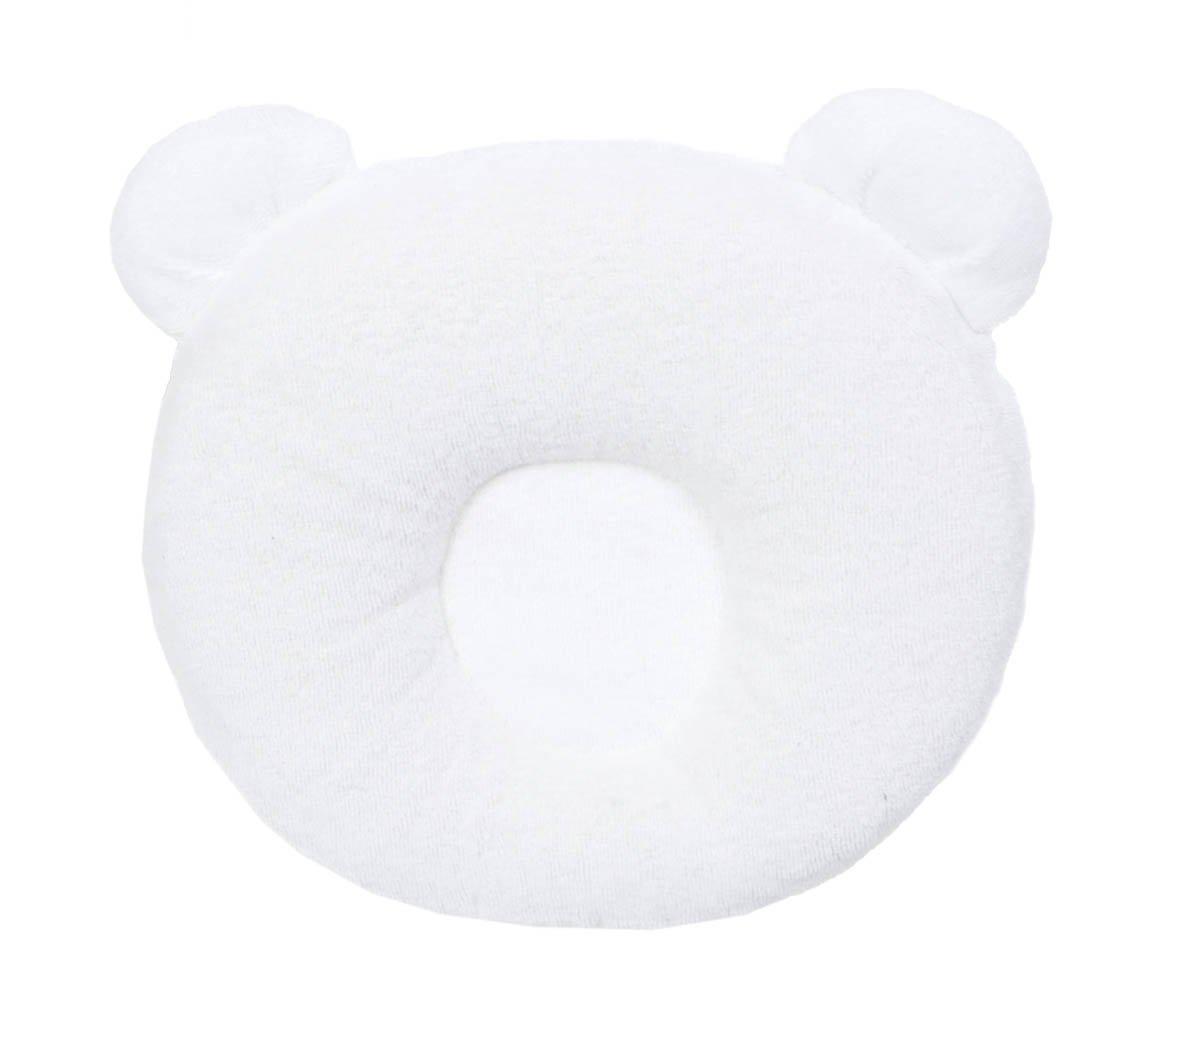 candide petit panda, pillow 270109